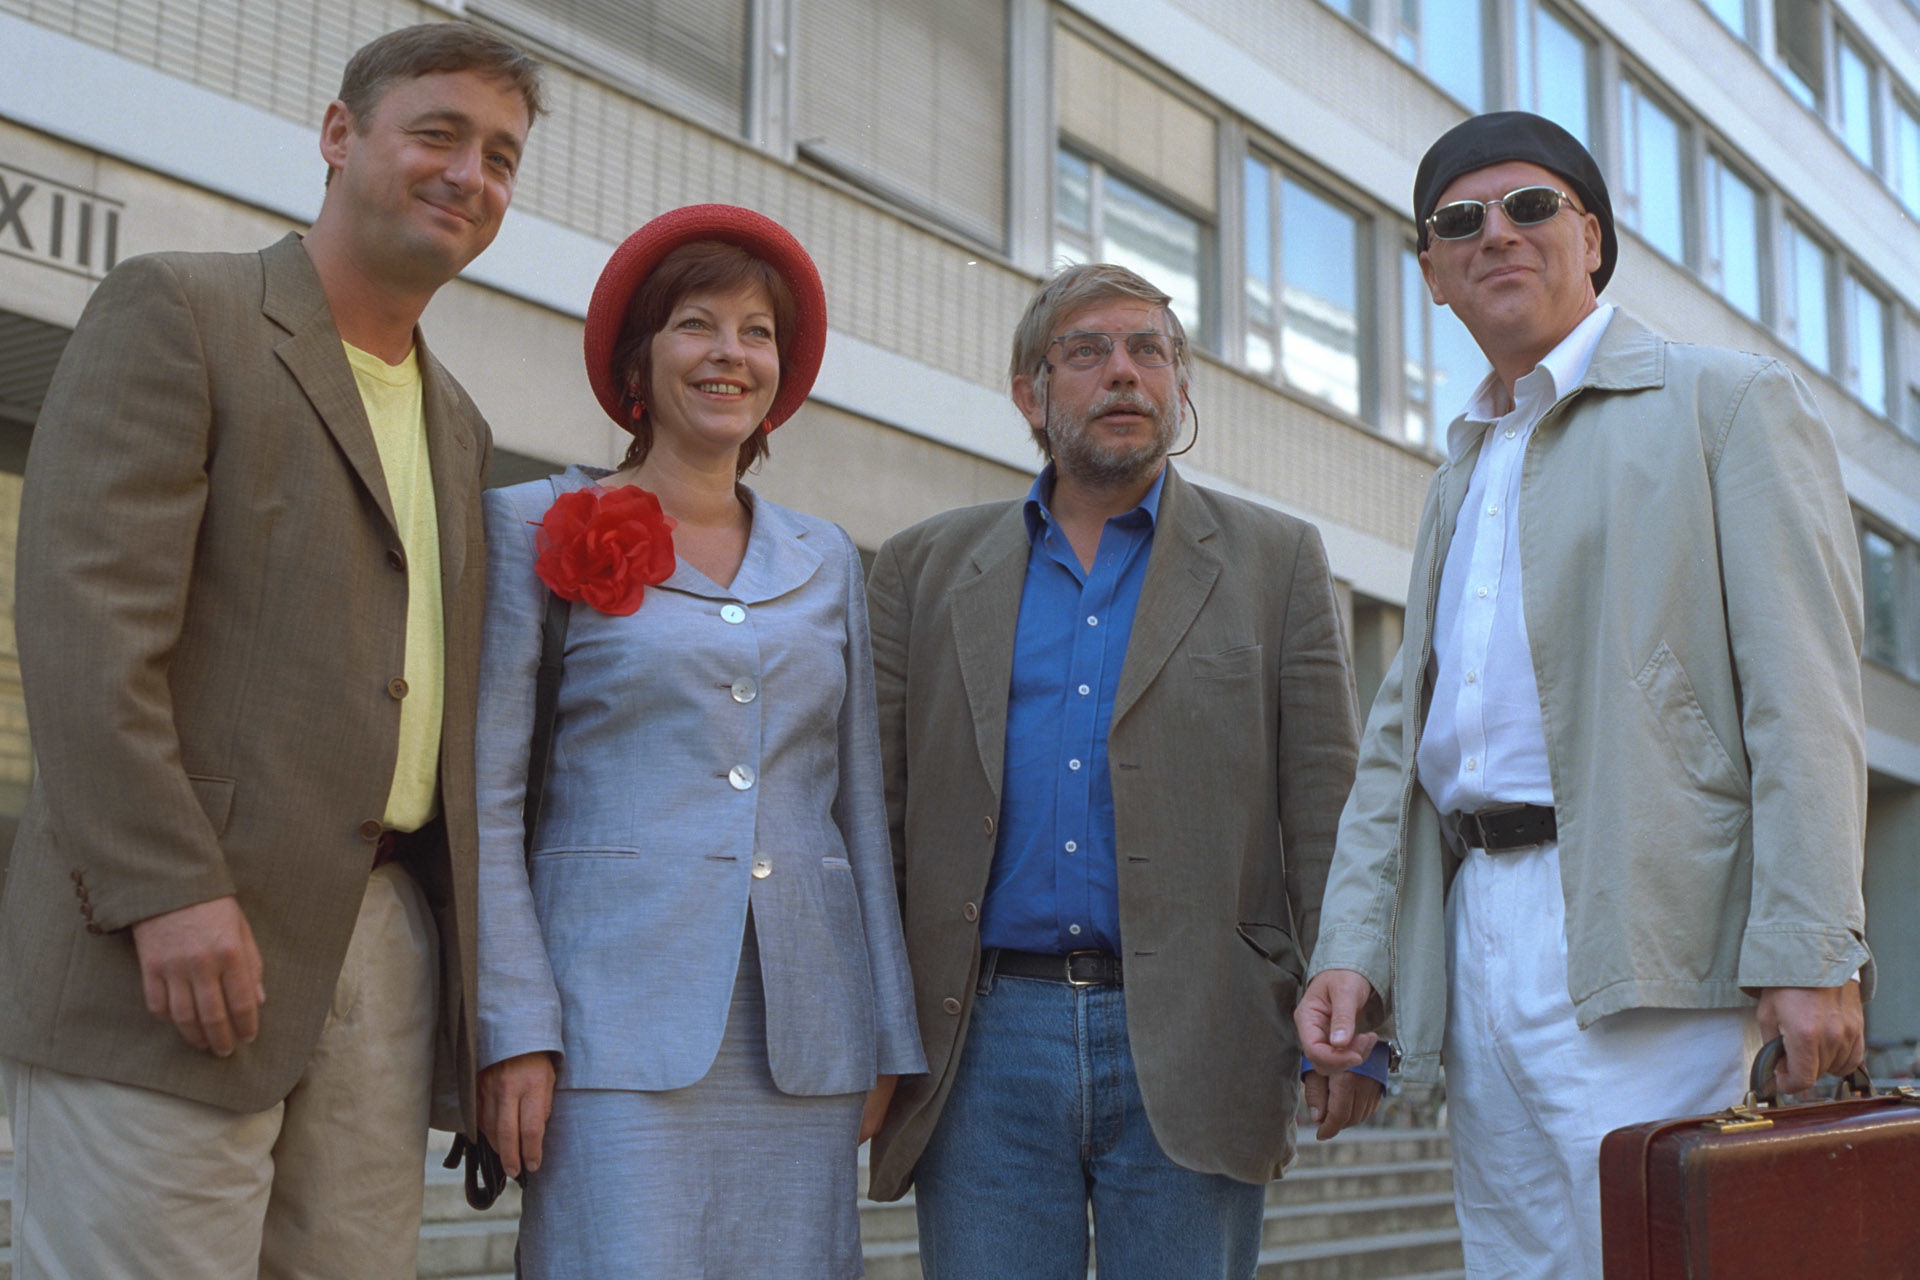 Andreas Vitasek, Elfi Eschke, Reinhard Schwabenitzky, Alexander Goebel